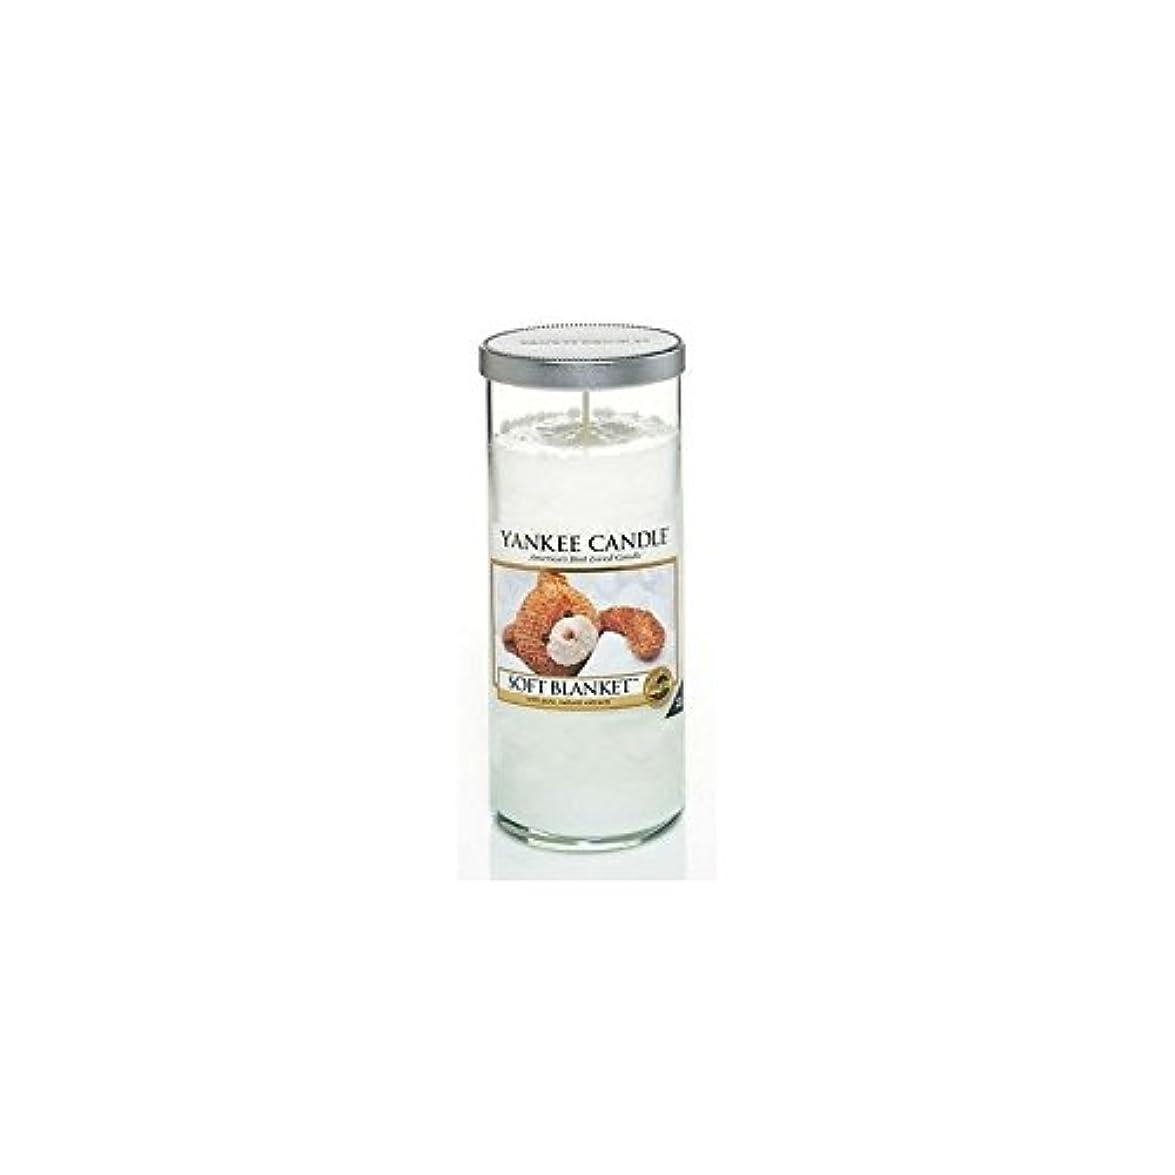 ルーム結婚する省略Yankee Candles Large Pillar Candle - Soft Blanket (Pack of 6) - ヤンキーキャンドル大きな柱キャンドル - ソフト毛布 (x6) [並行輸入品]